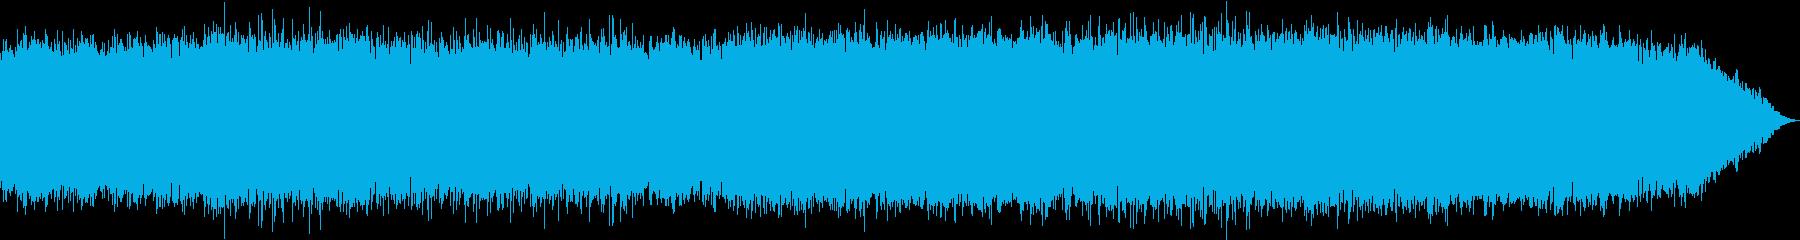 ドラムのキックが心地いいテクノ音楽の再生済みの波形